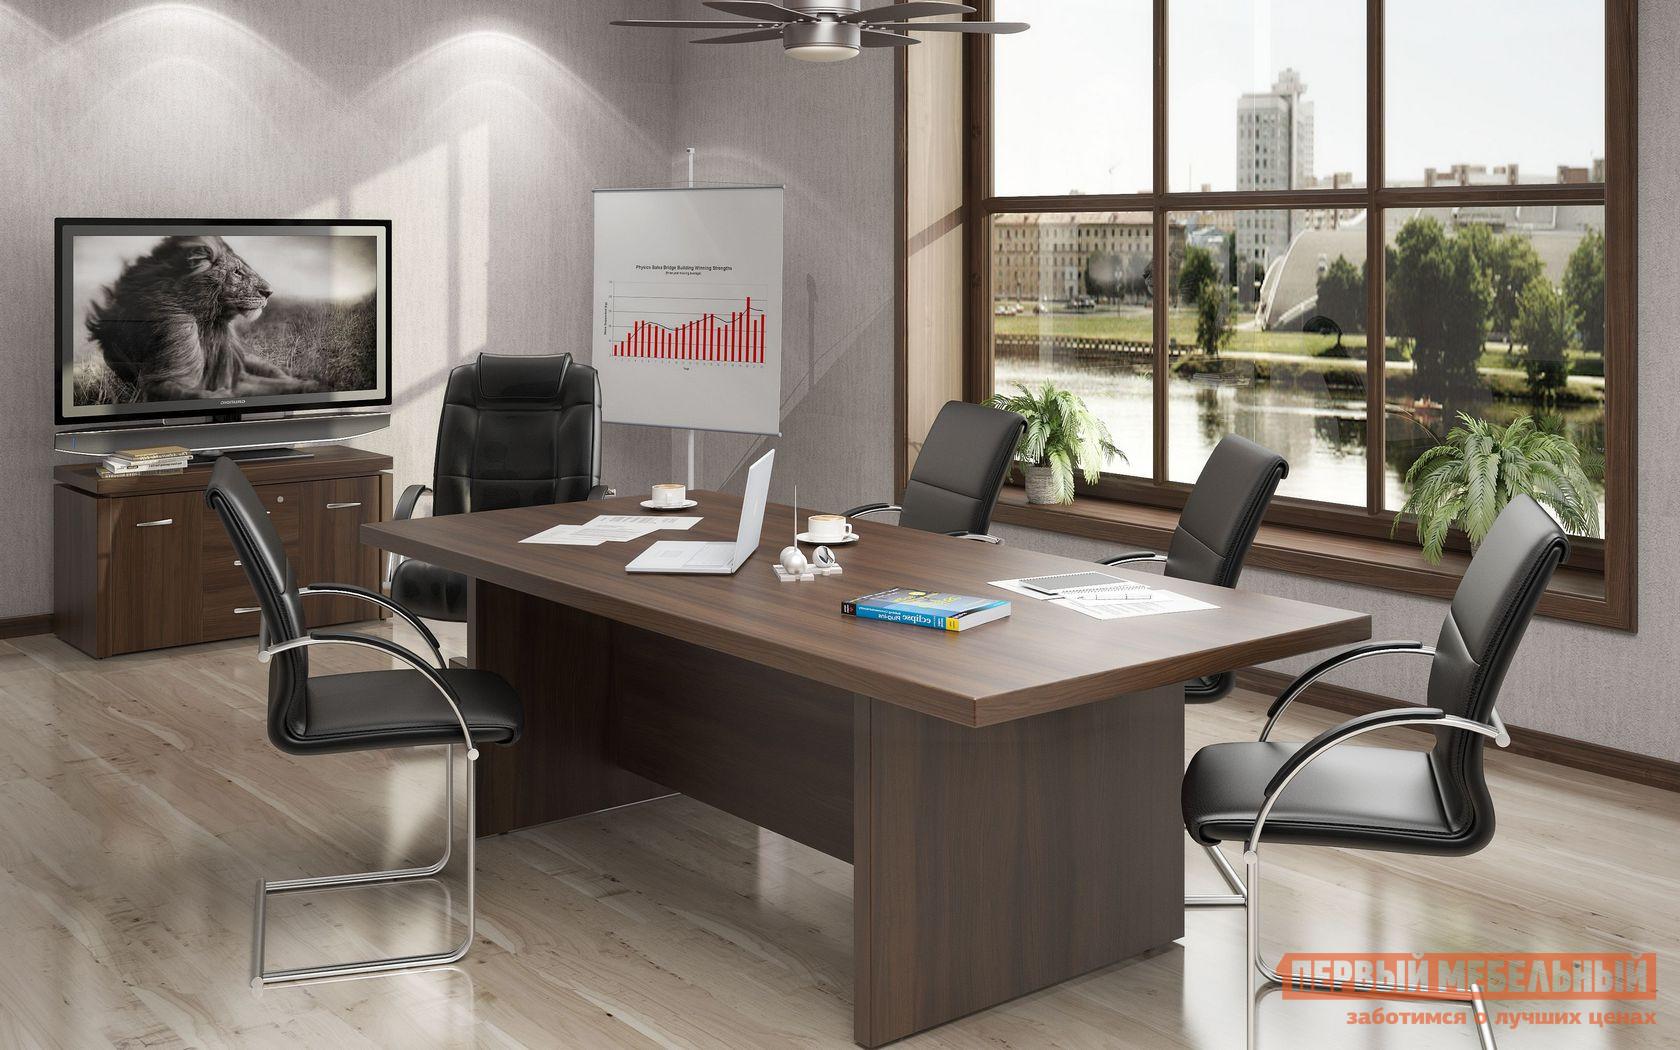 Комплект офисной мебели Эдем Милан Конференц К1 спальный гарнитур трия саванна к1